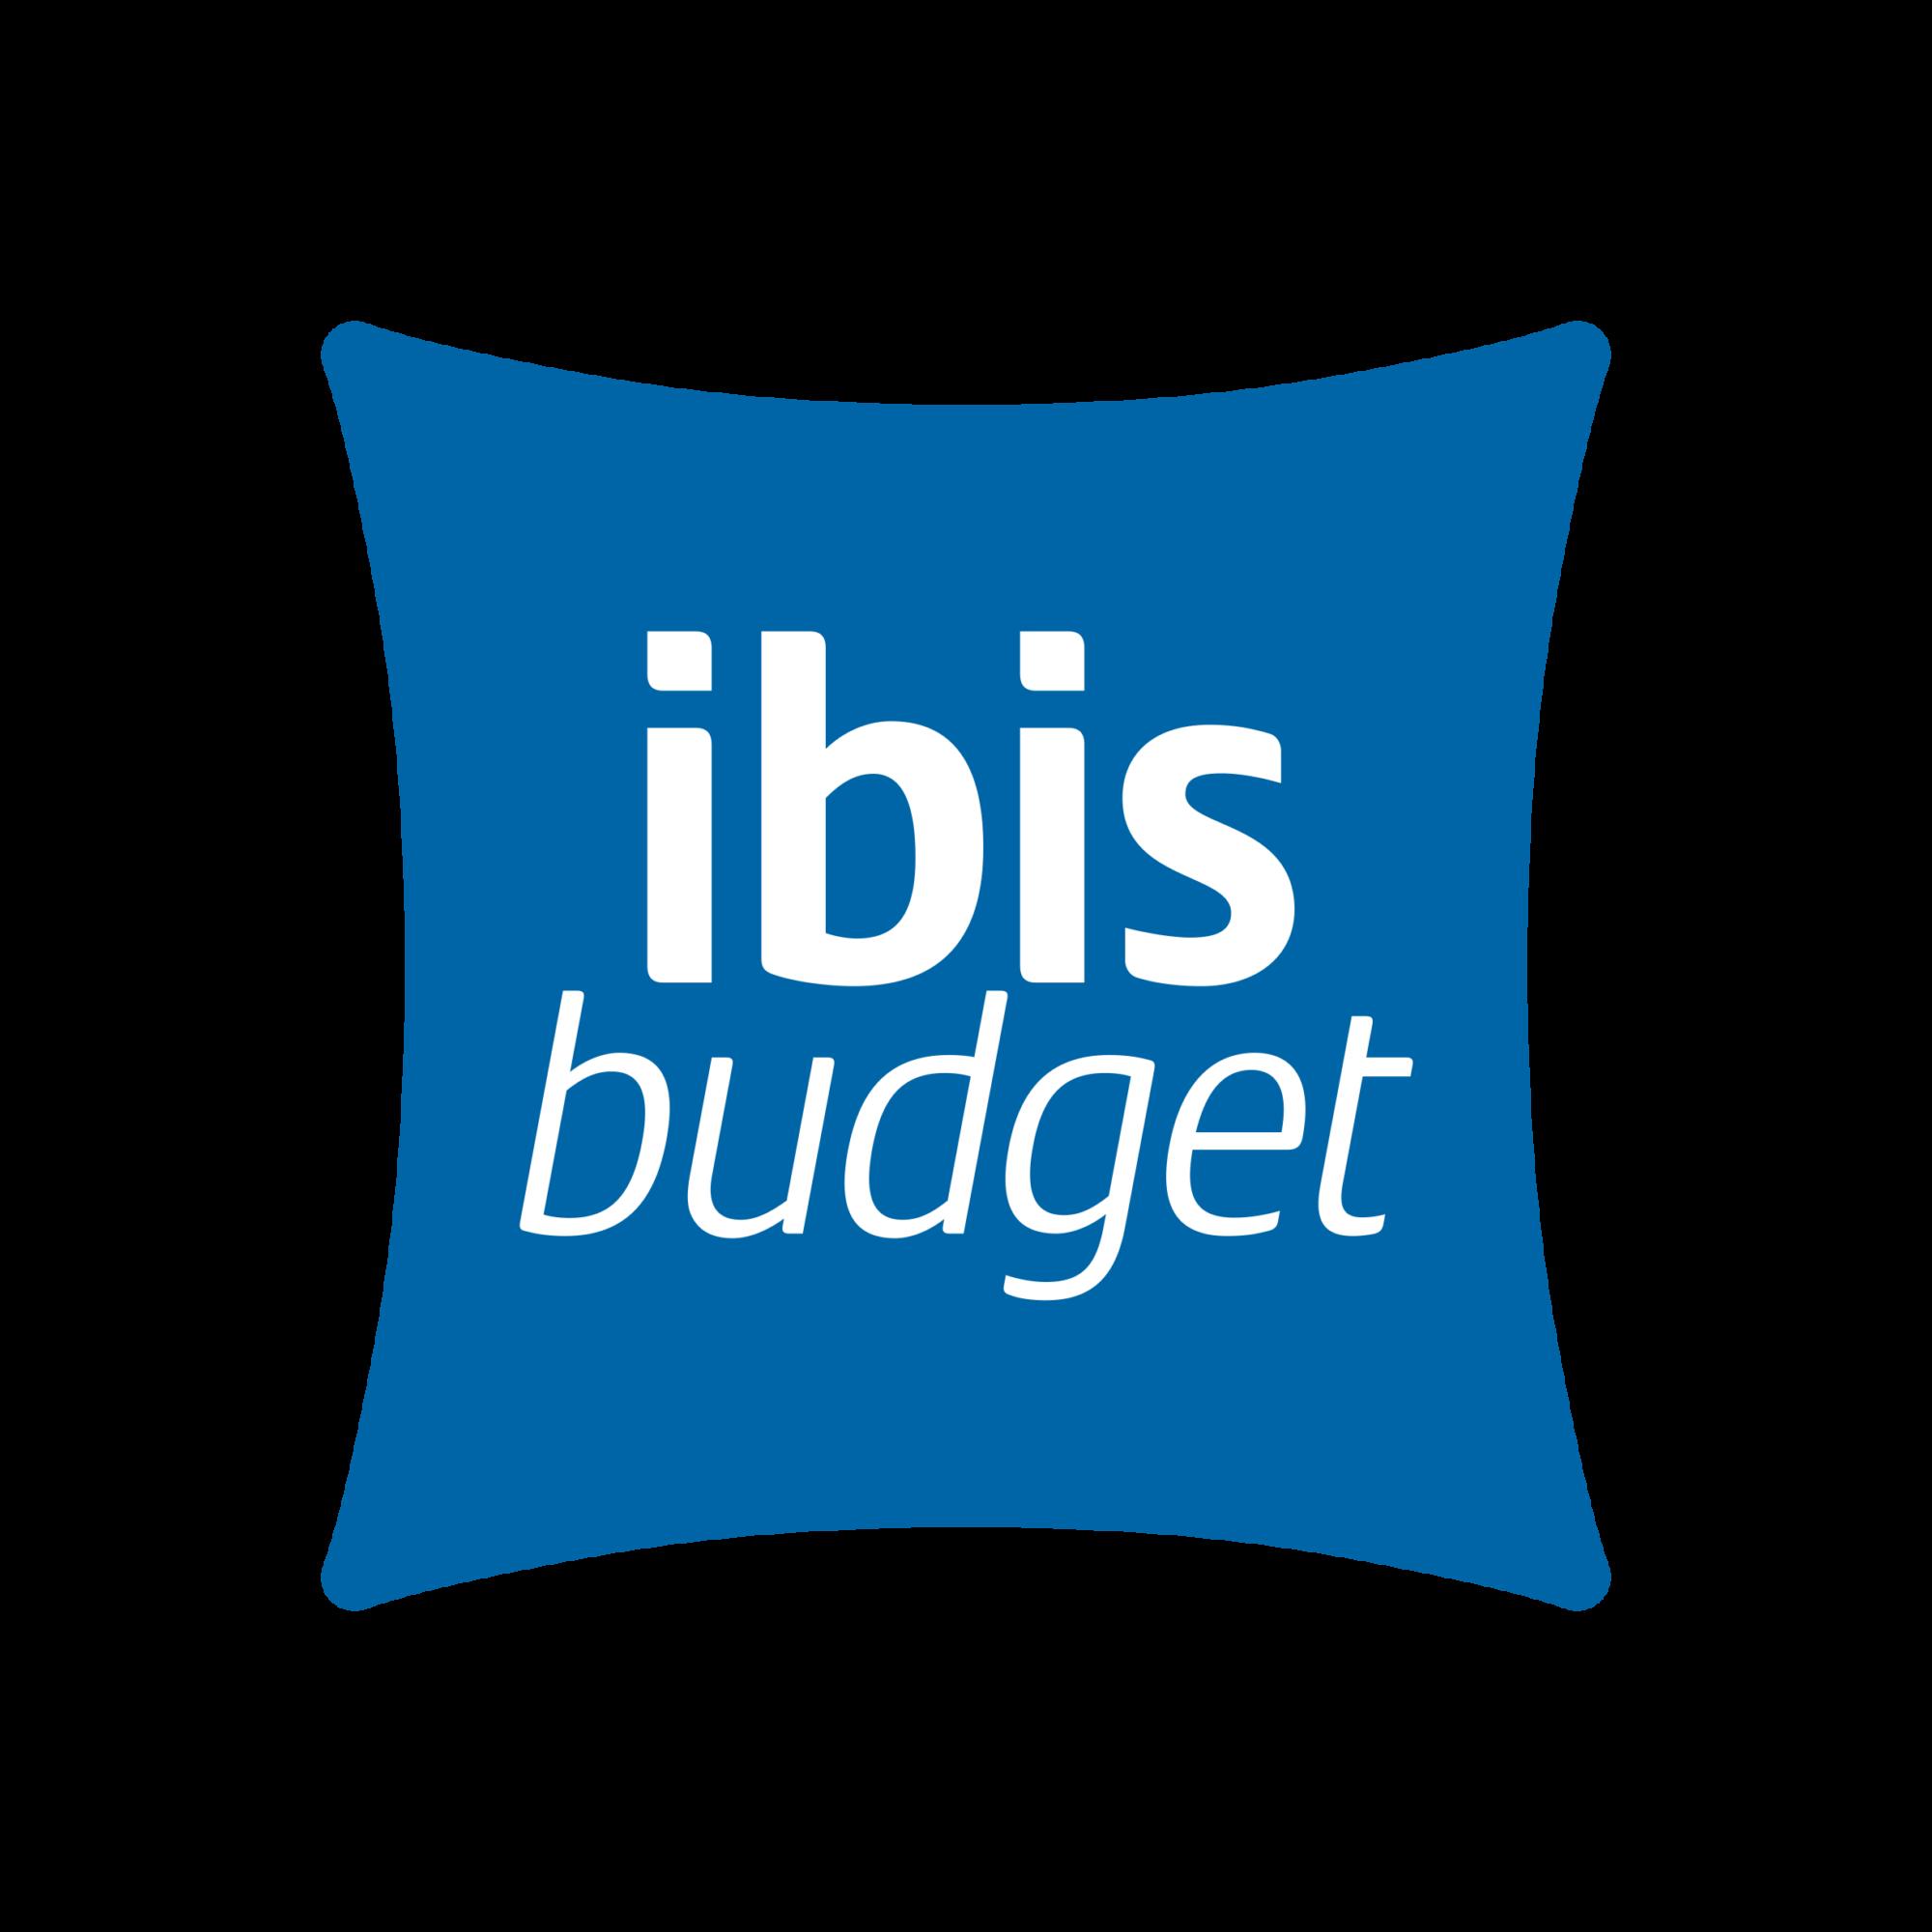 ibis-budget logo